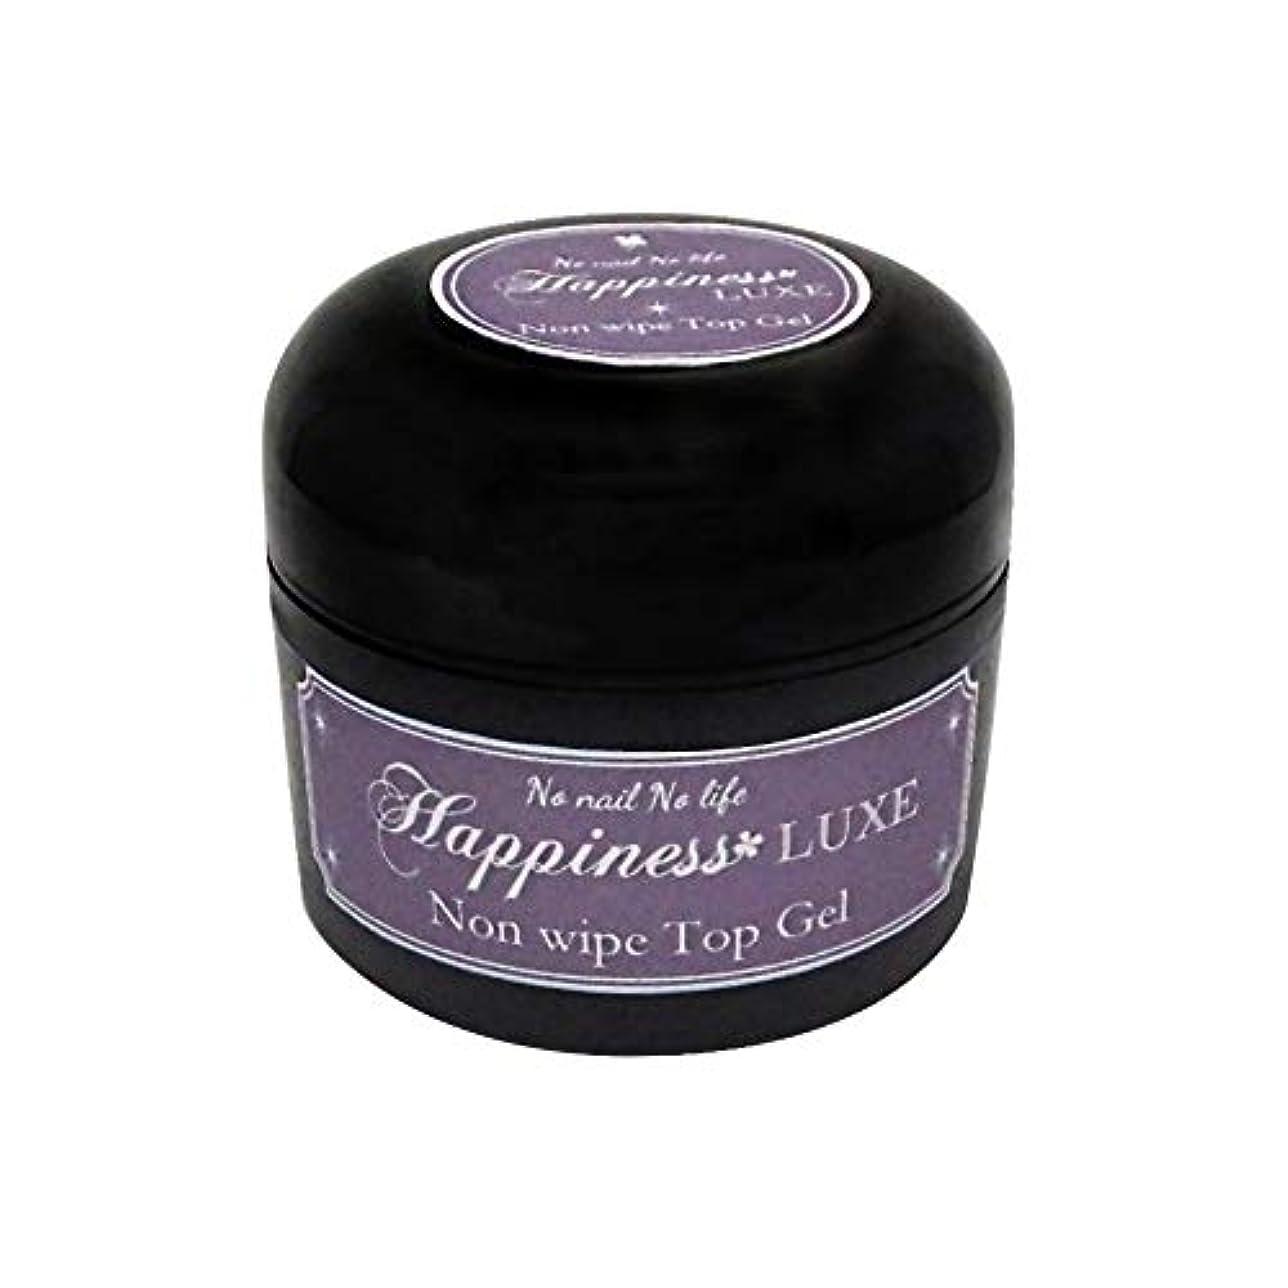 機関チェリー中ジェルネイル《ストーンアートに最適!》Happiness LUXE ハピネスリュクス セミハード ノンワイプトップジェル (30g)